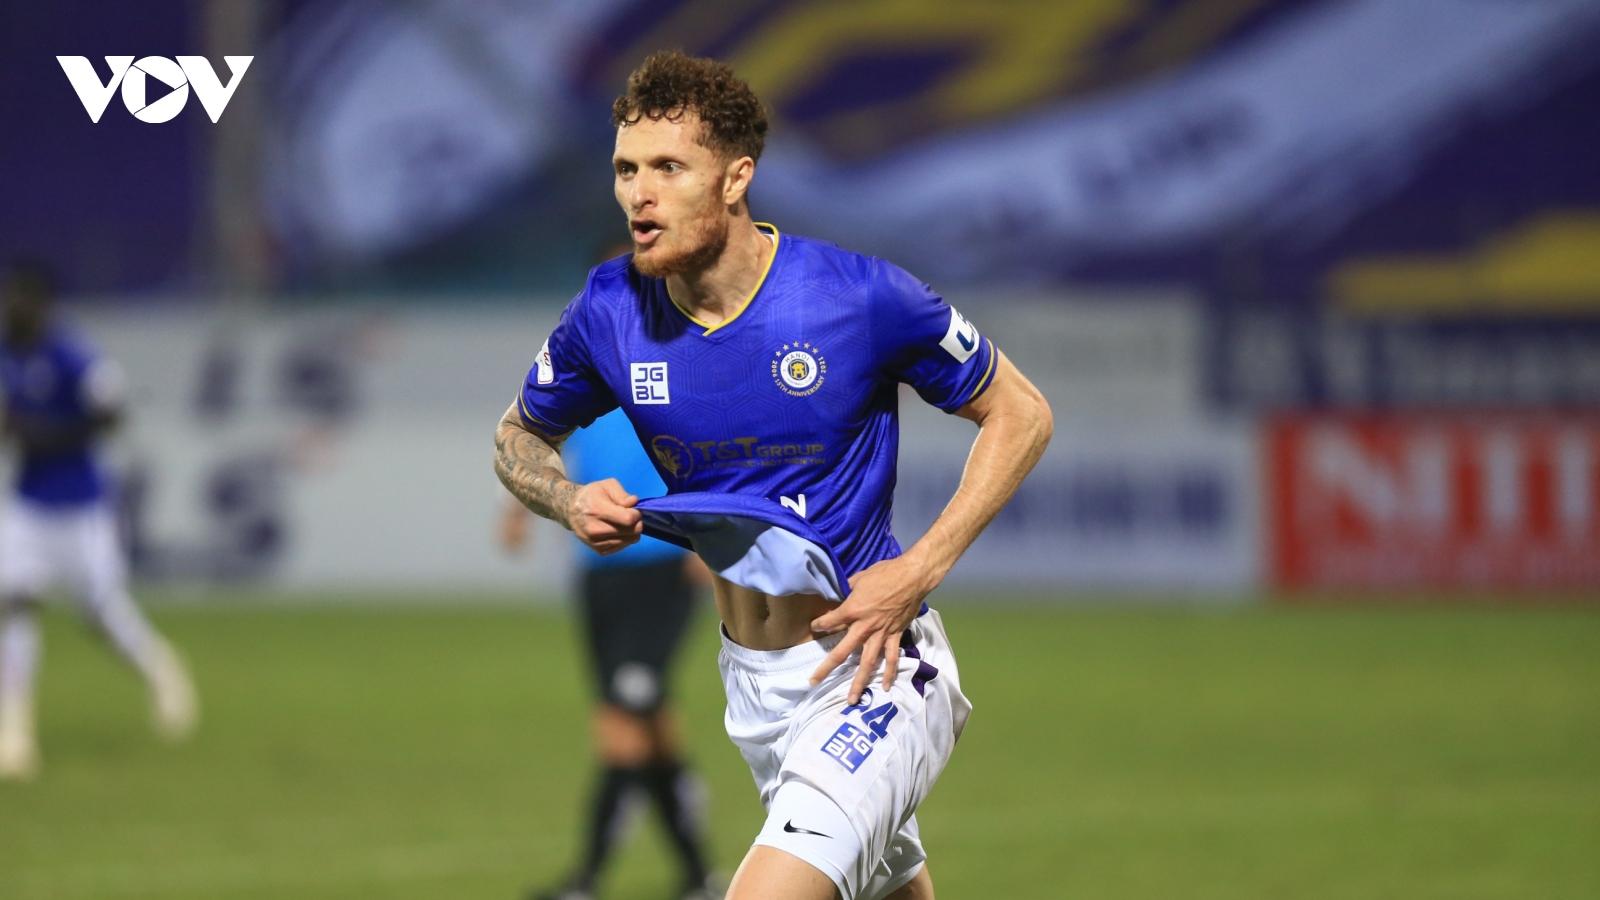 Geovane ghi bàn phút cuối, Hà Nội FC nhọc nhằn giành 1 điểm trước Hà Tĩnh